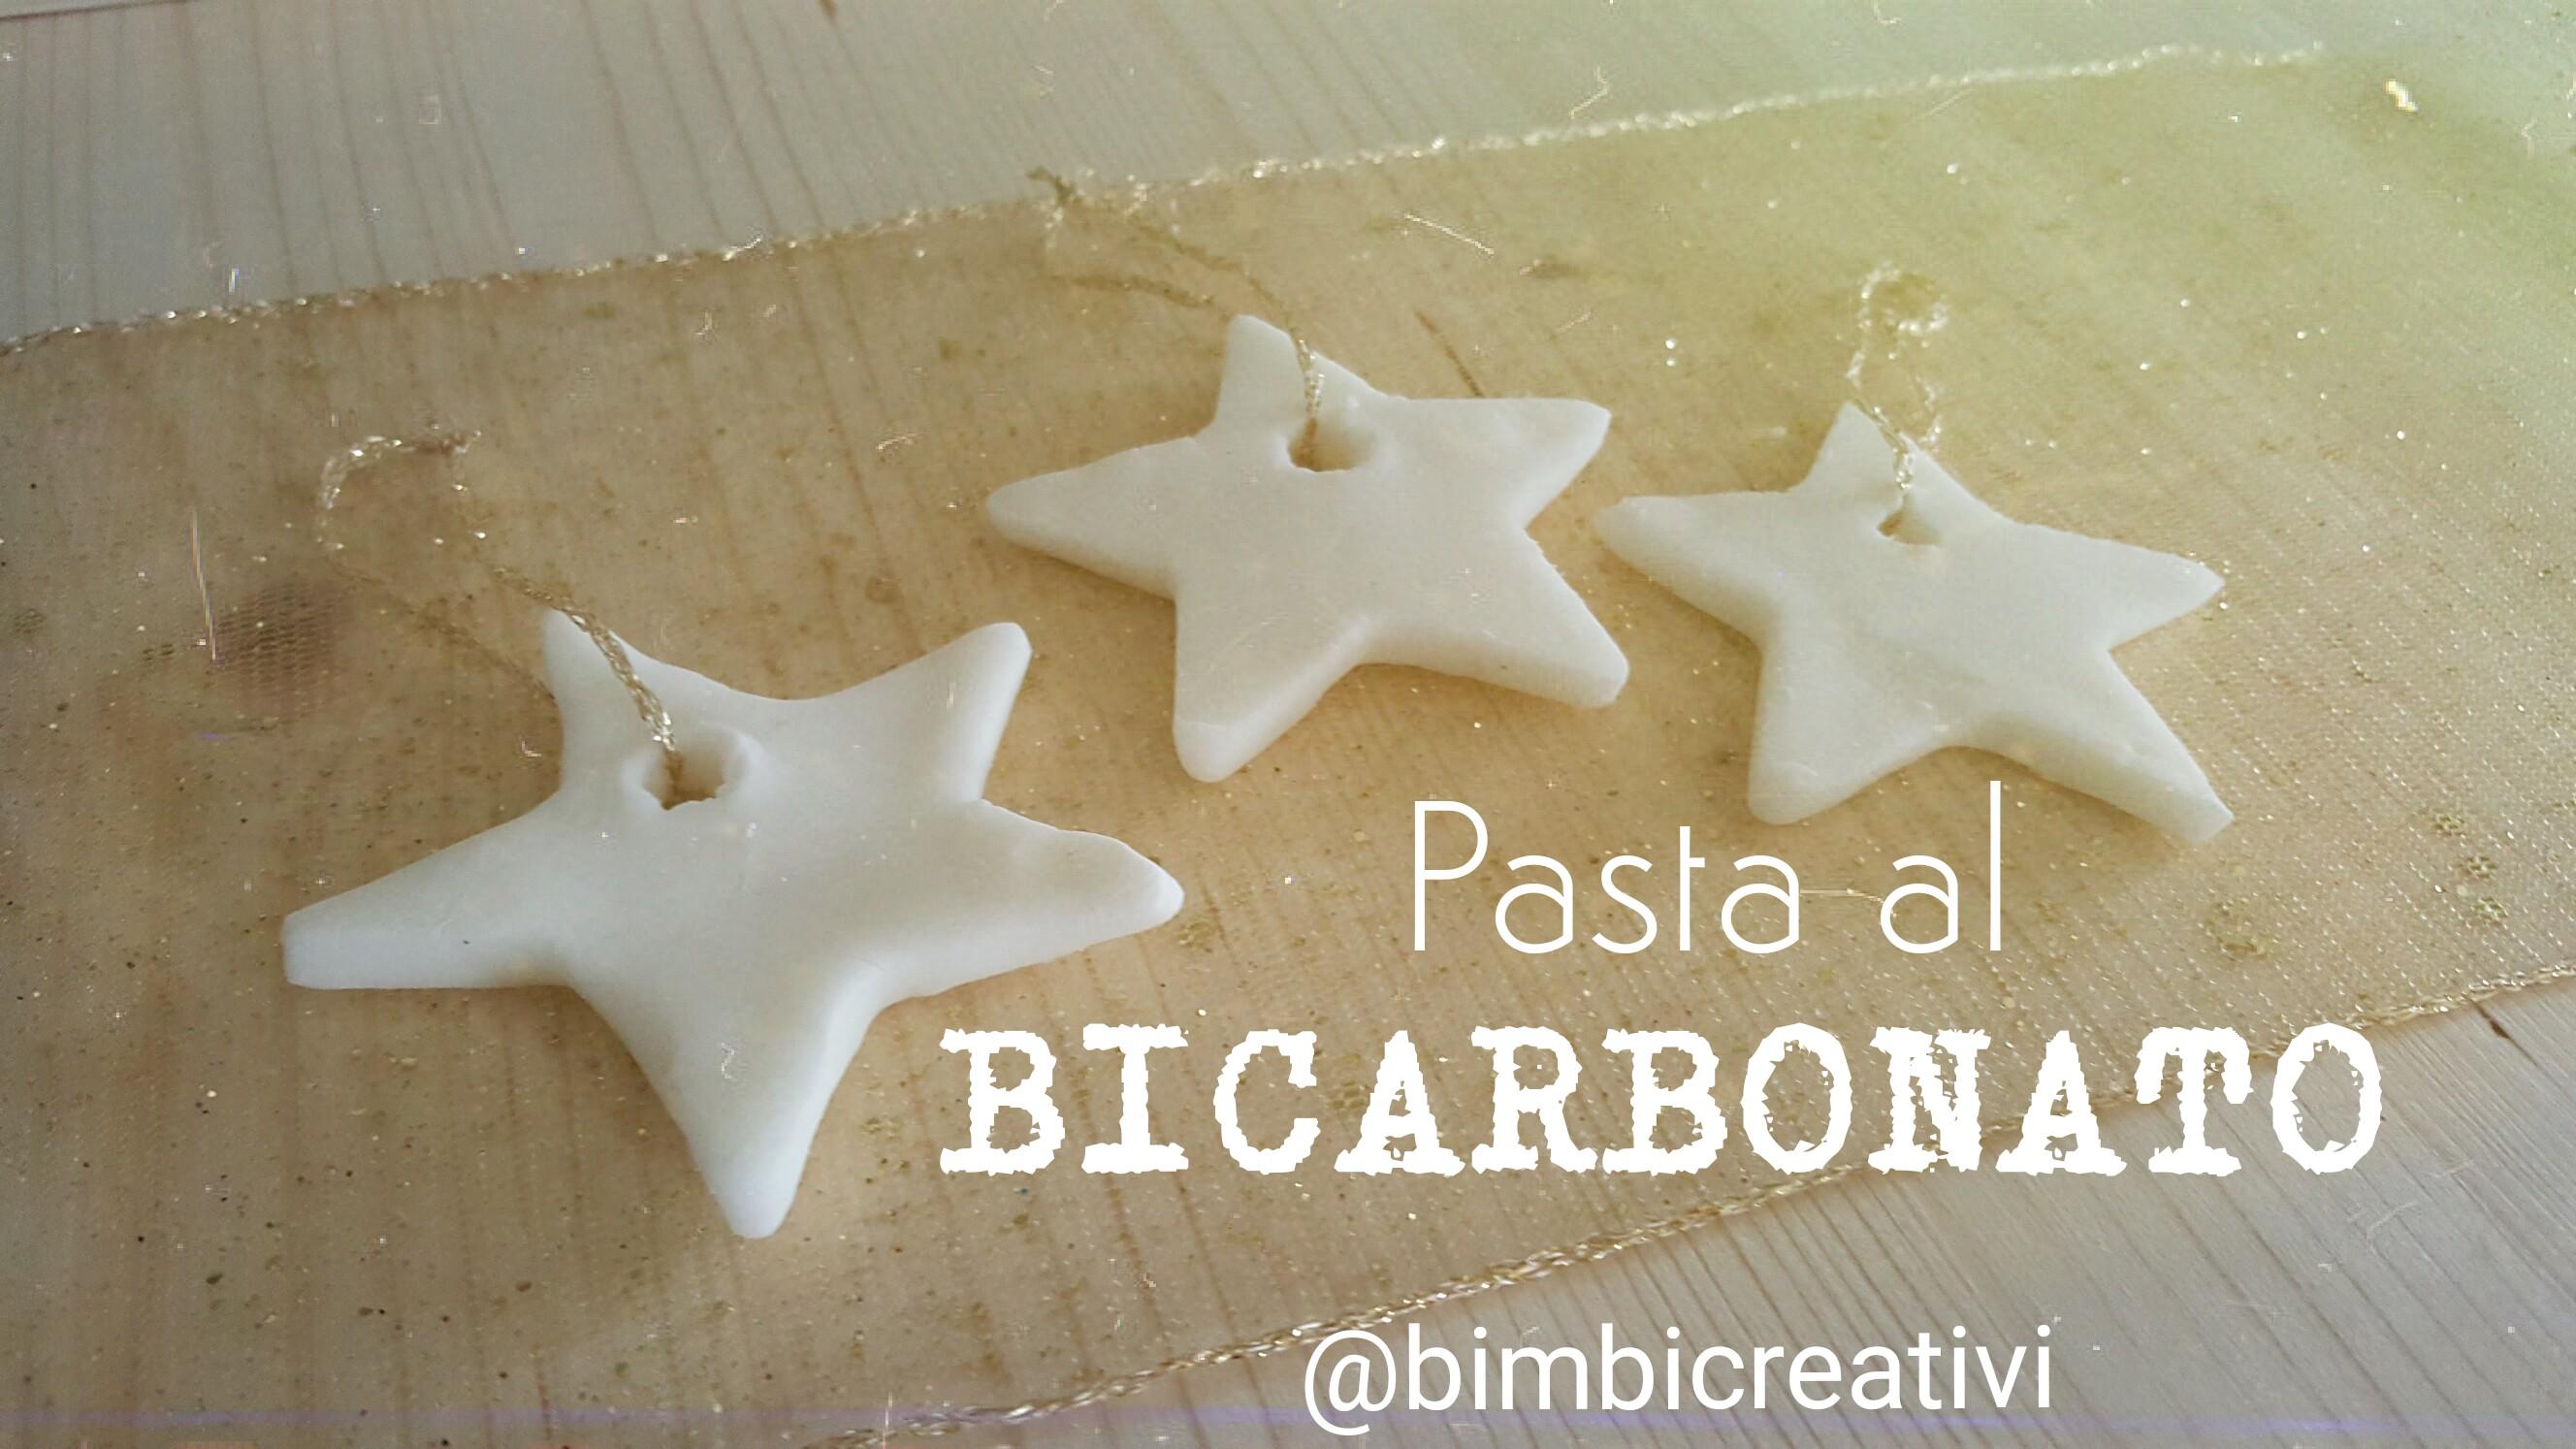 Bien connu Pasta modellabile al BICARBONATO - Bimbi Creativi LG91